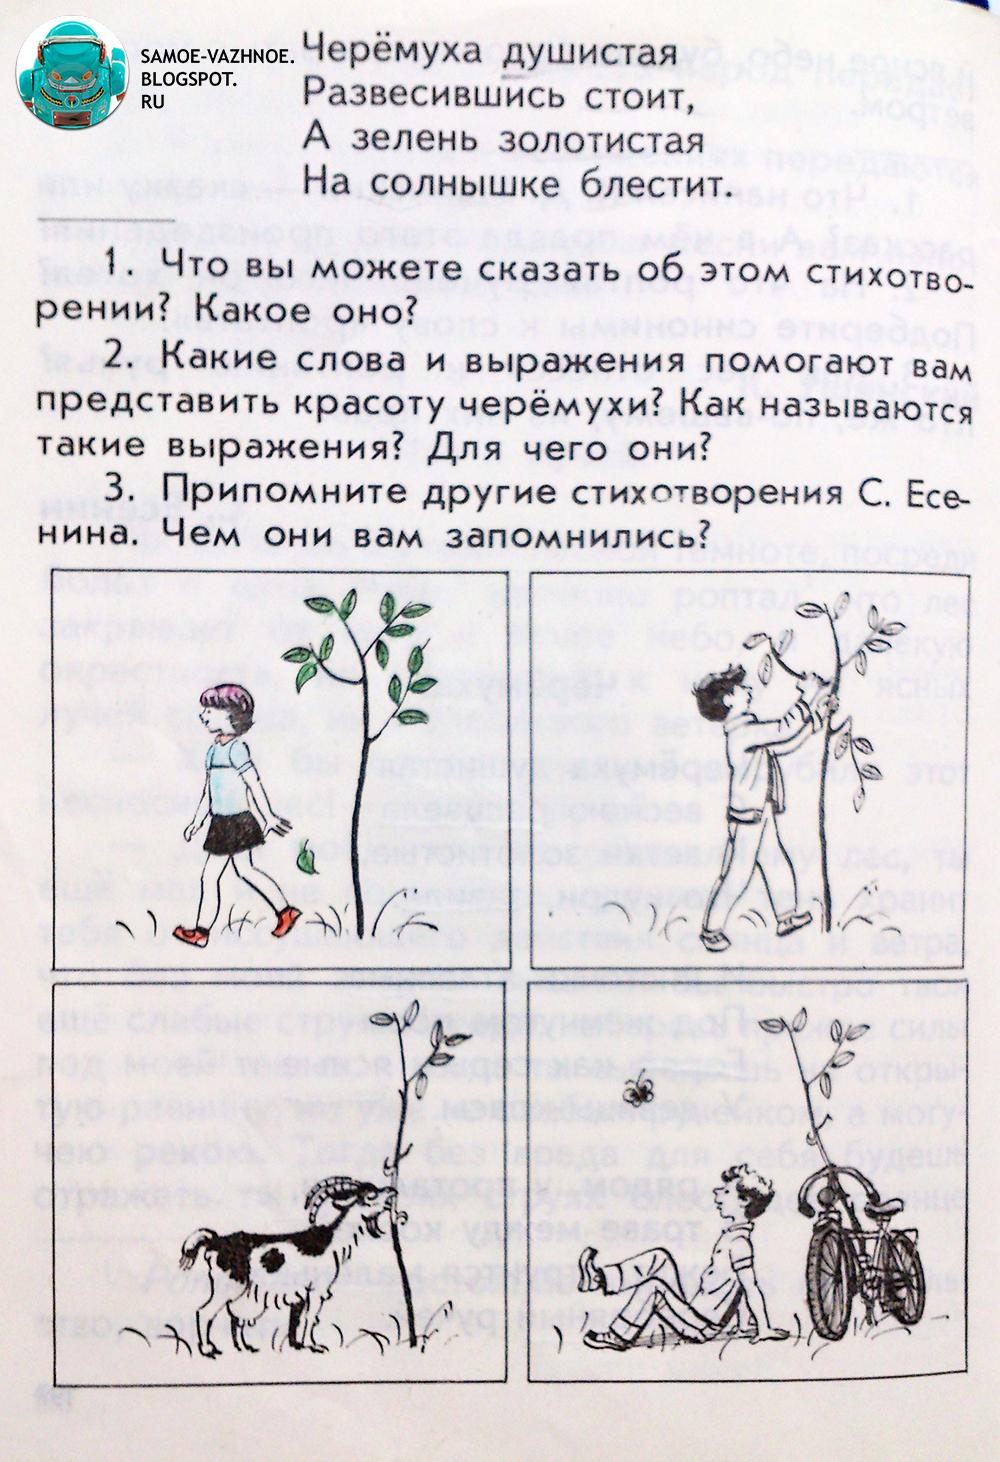 Есенин Черёмуха душистая читать онлайн скан